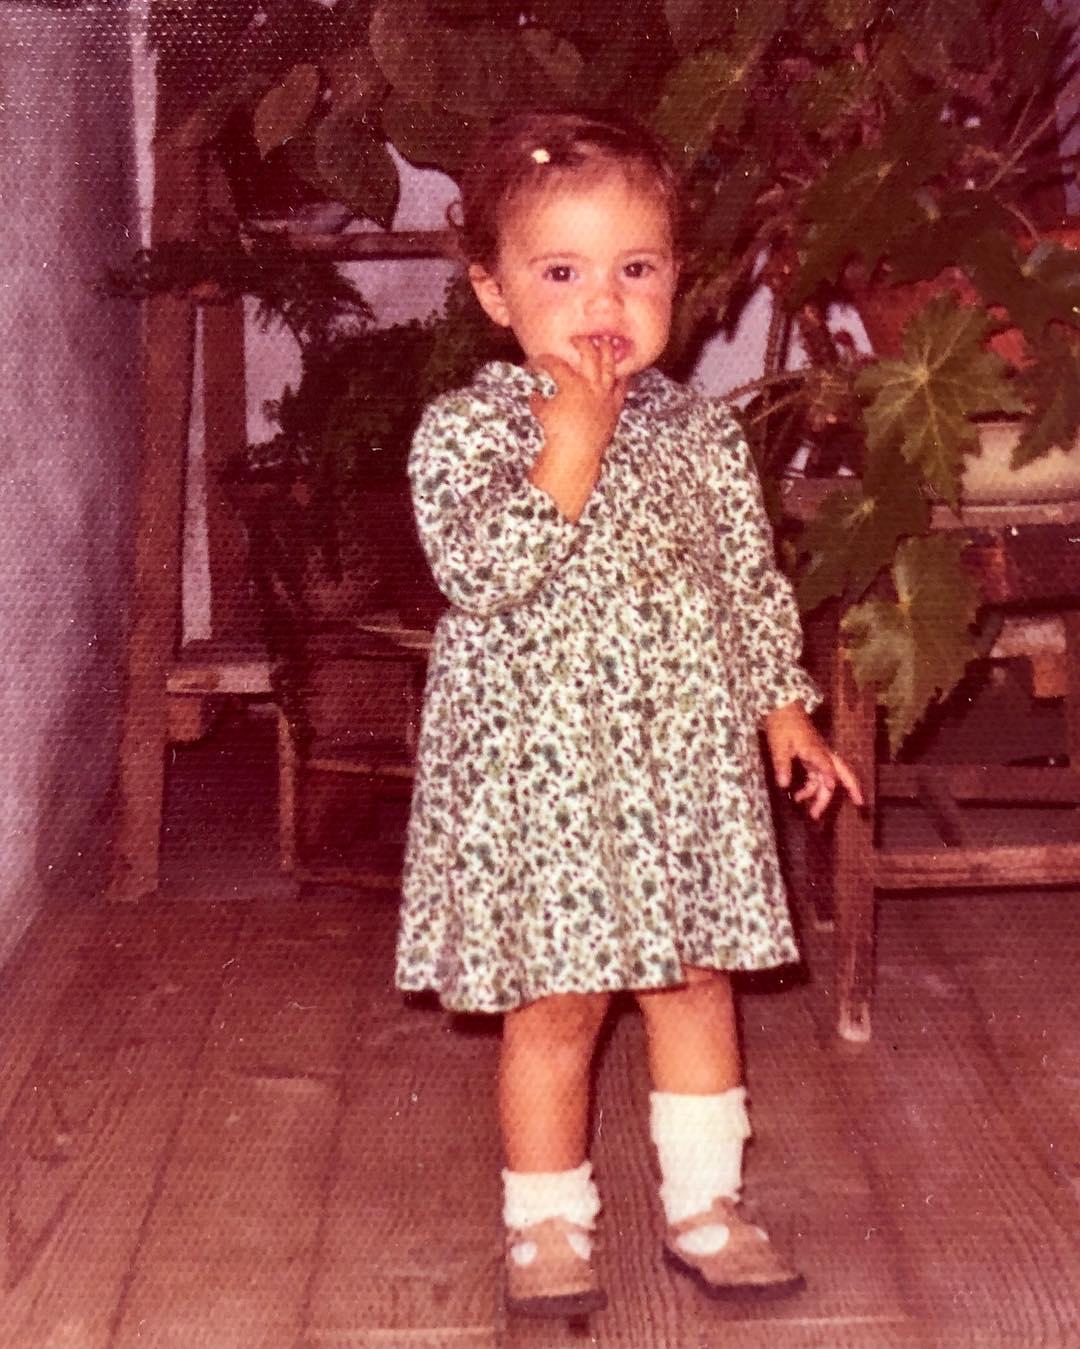 Barbara Guimaraes Dia Da Criança: Conhece Todos Os Bebés?